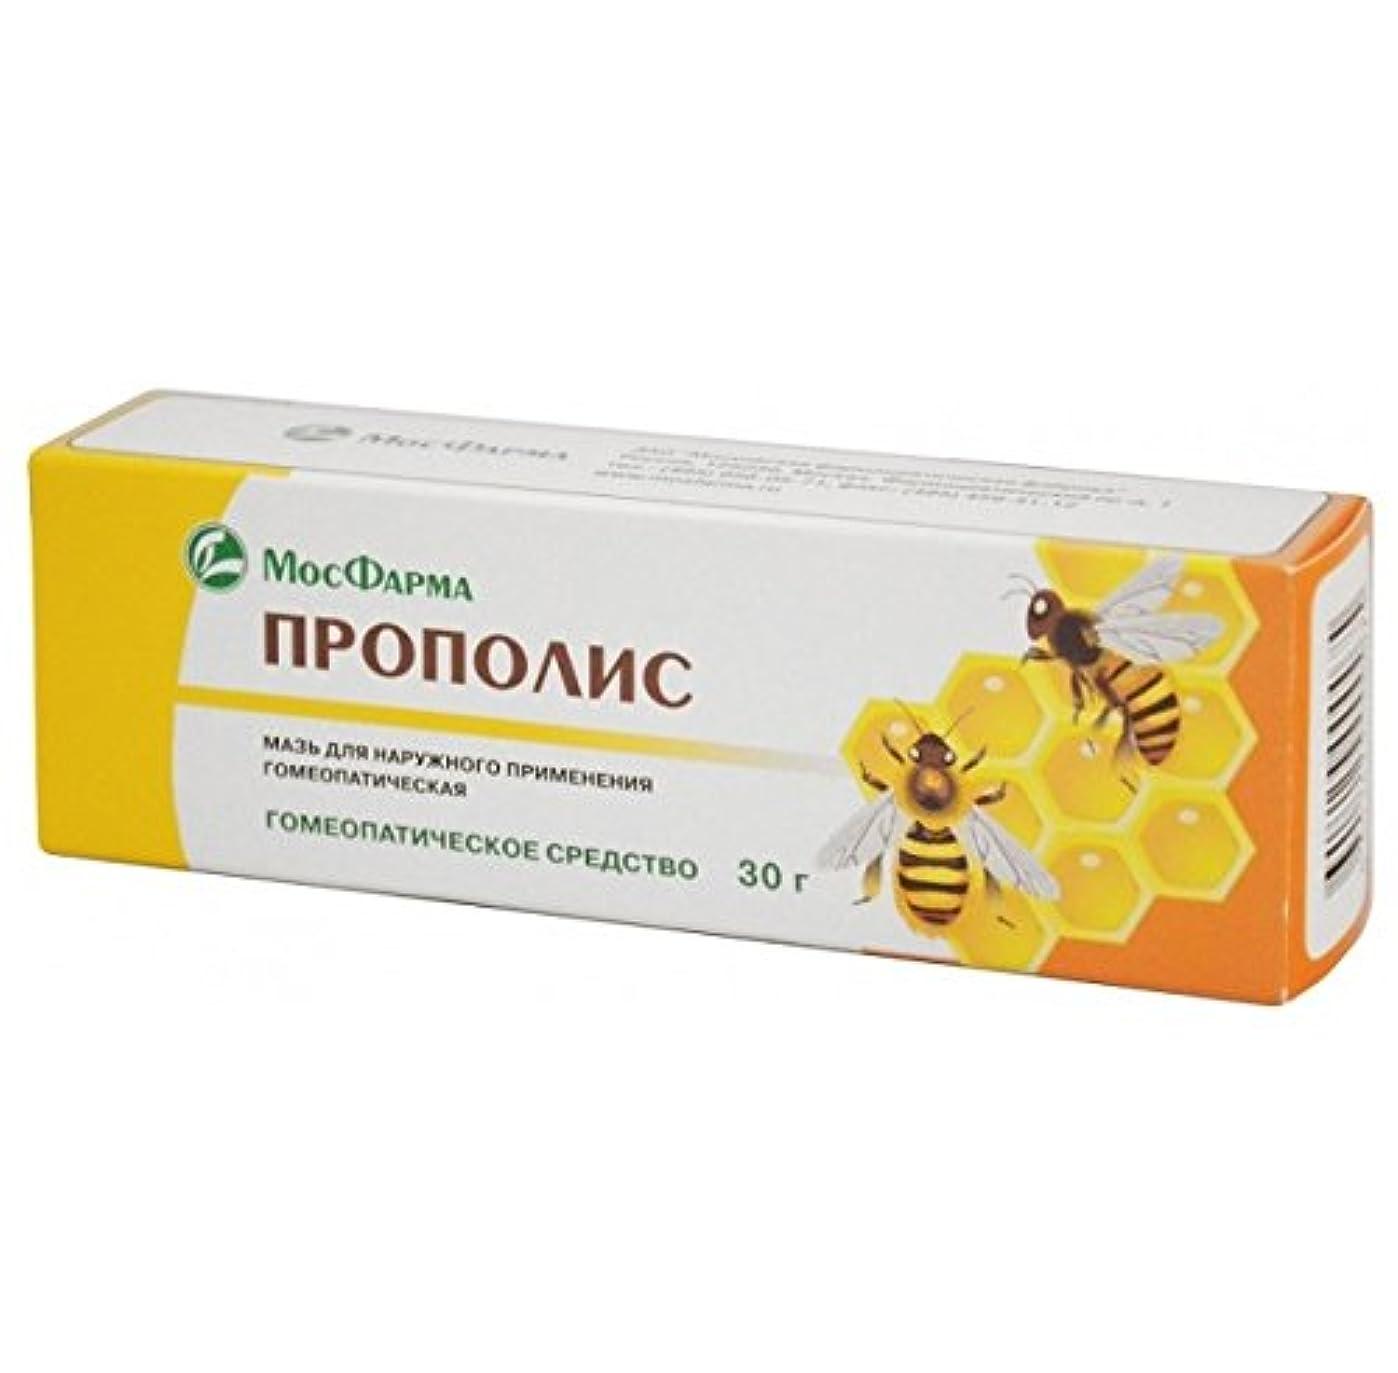 リハーサルオークション緯度Propolis ointment 30gr. プロポリス軟膏